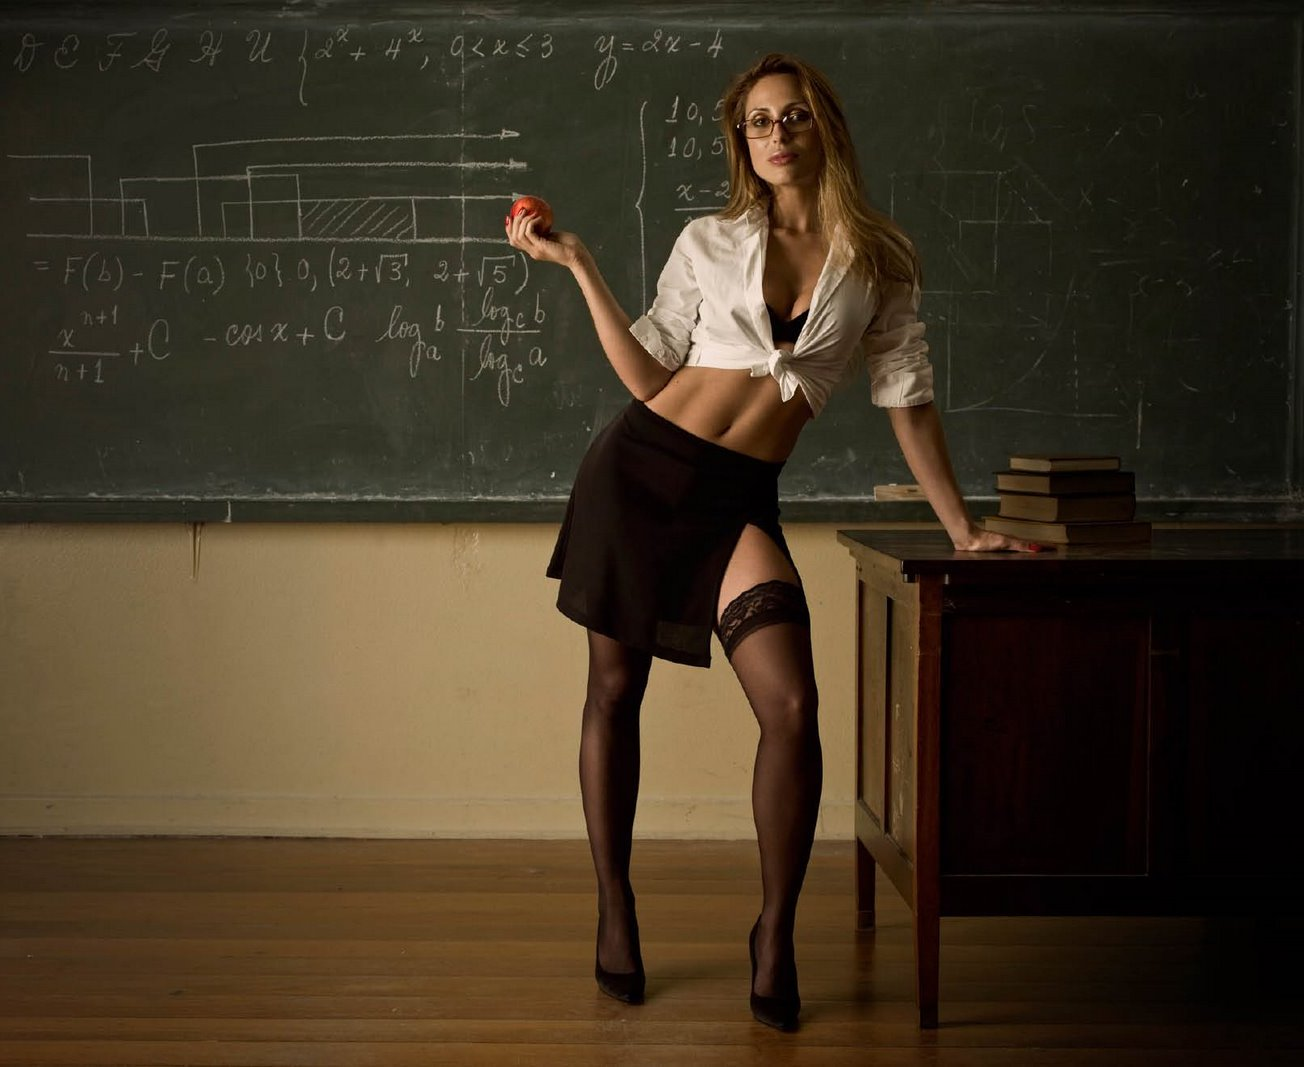 рольові ігри порно на русском языке